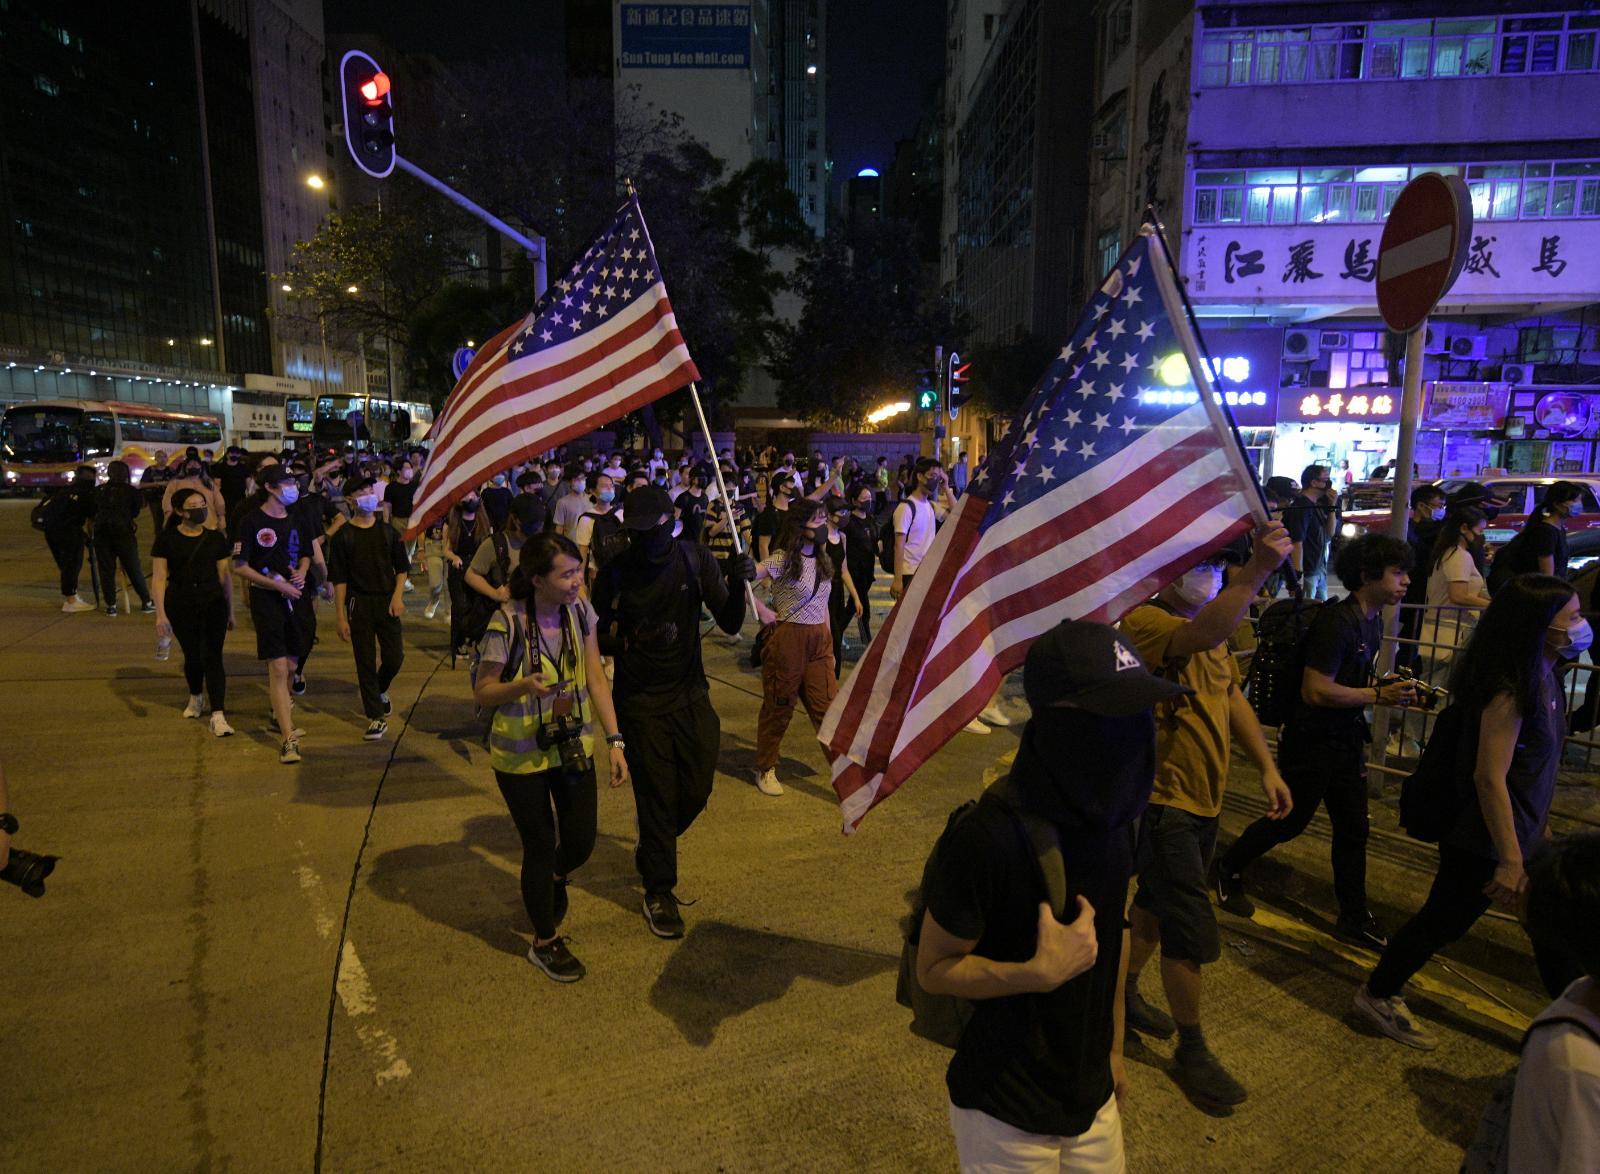 多區都有示威者聚集抗議《禁蒙面法》